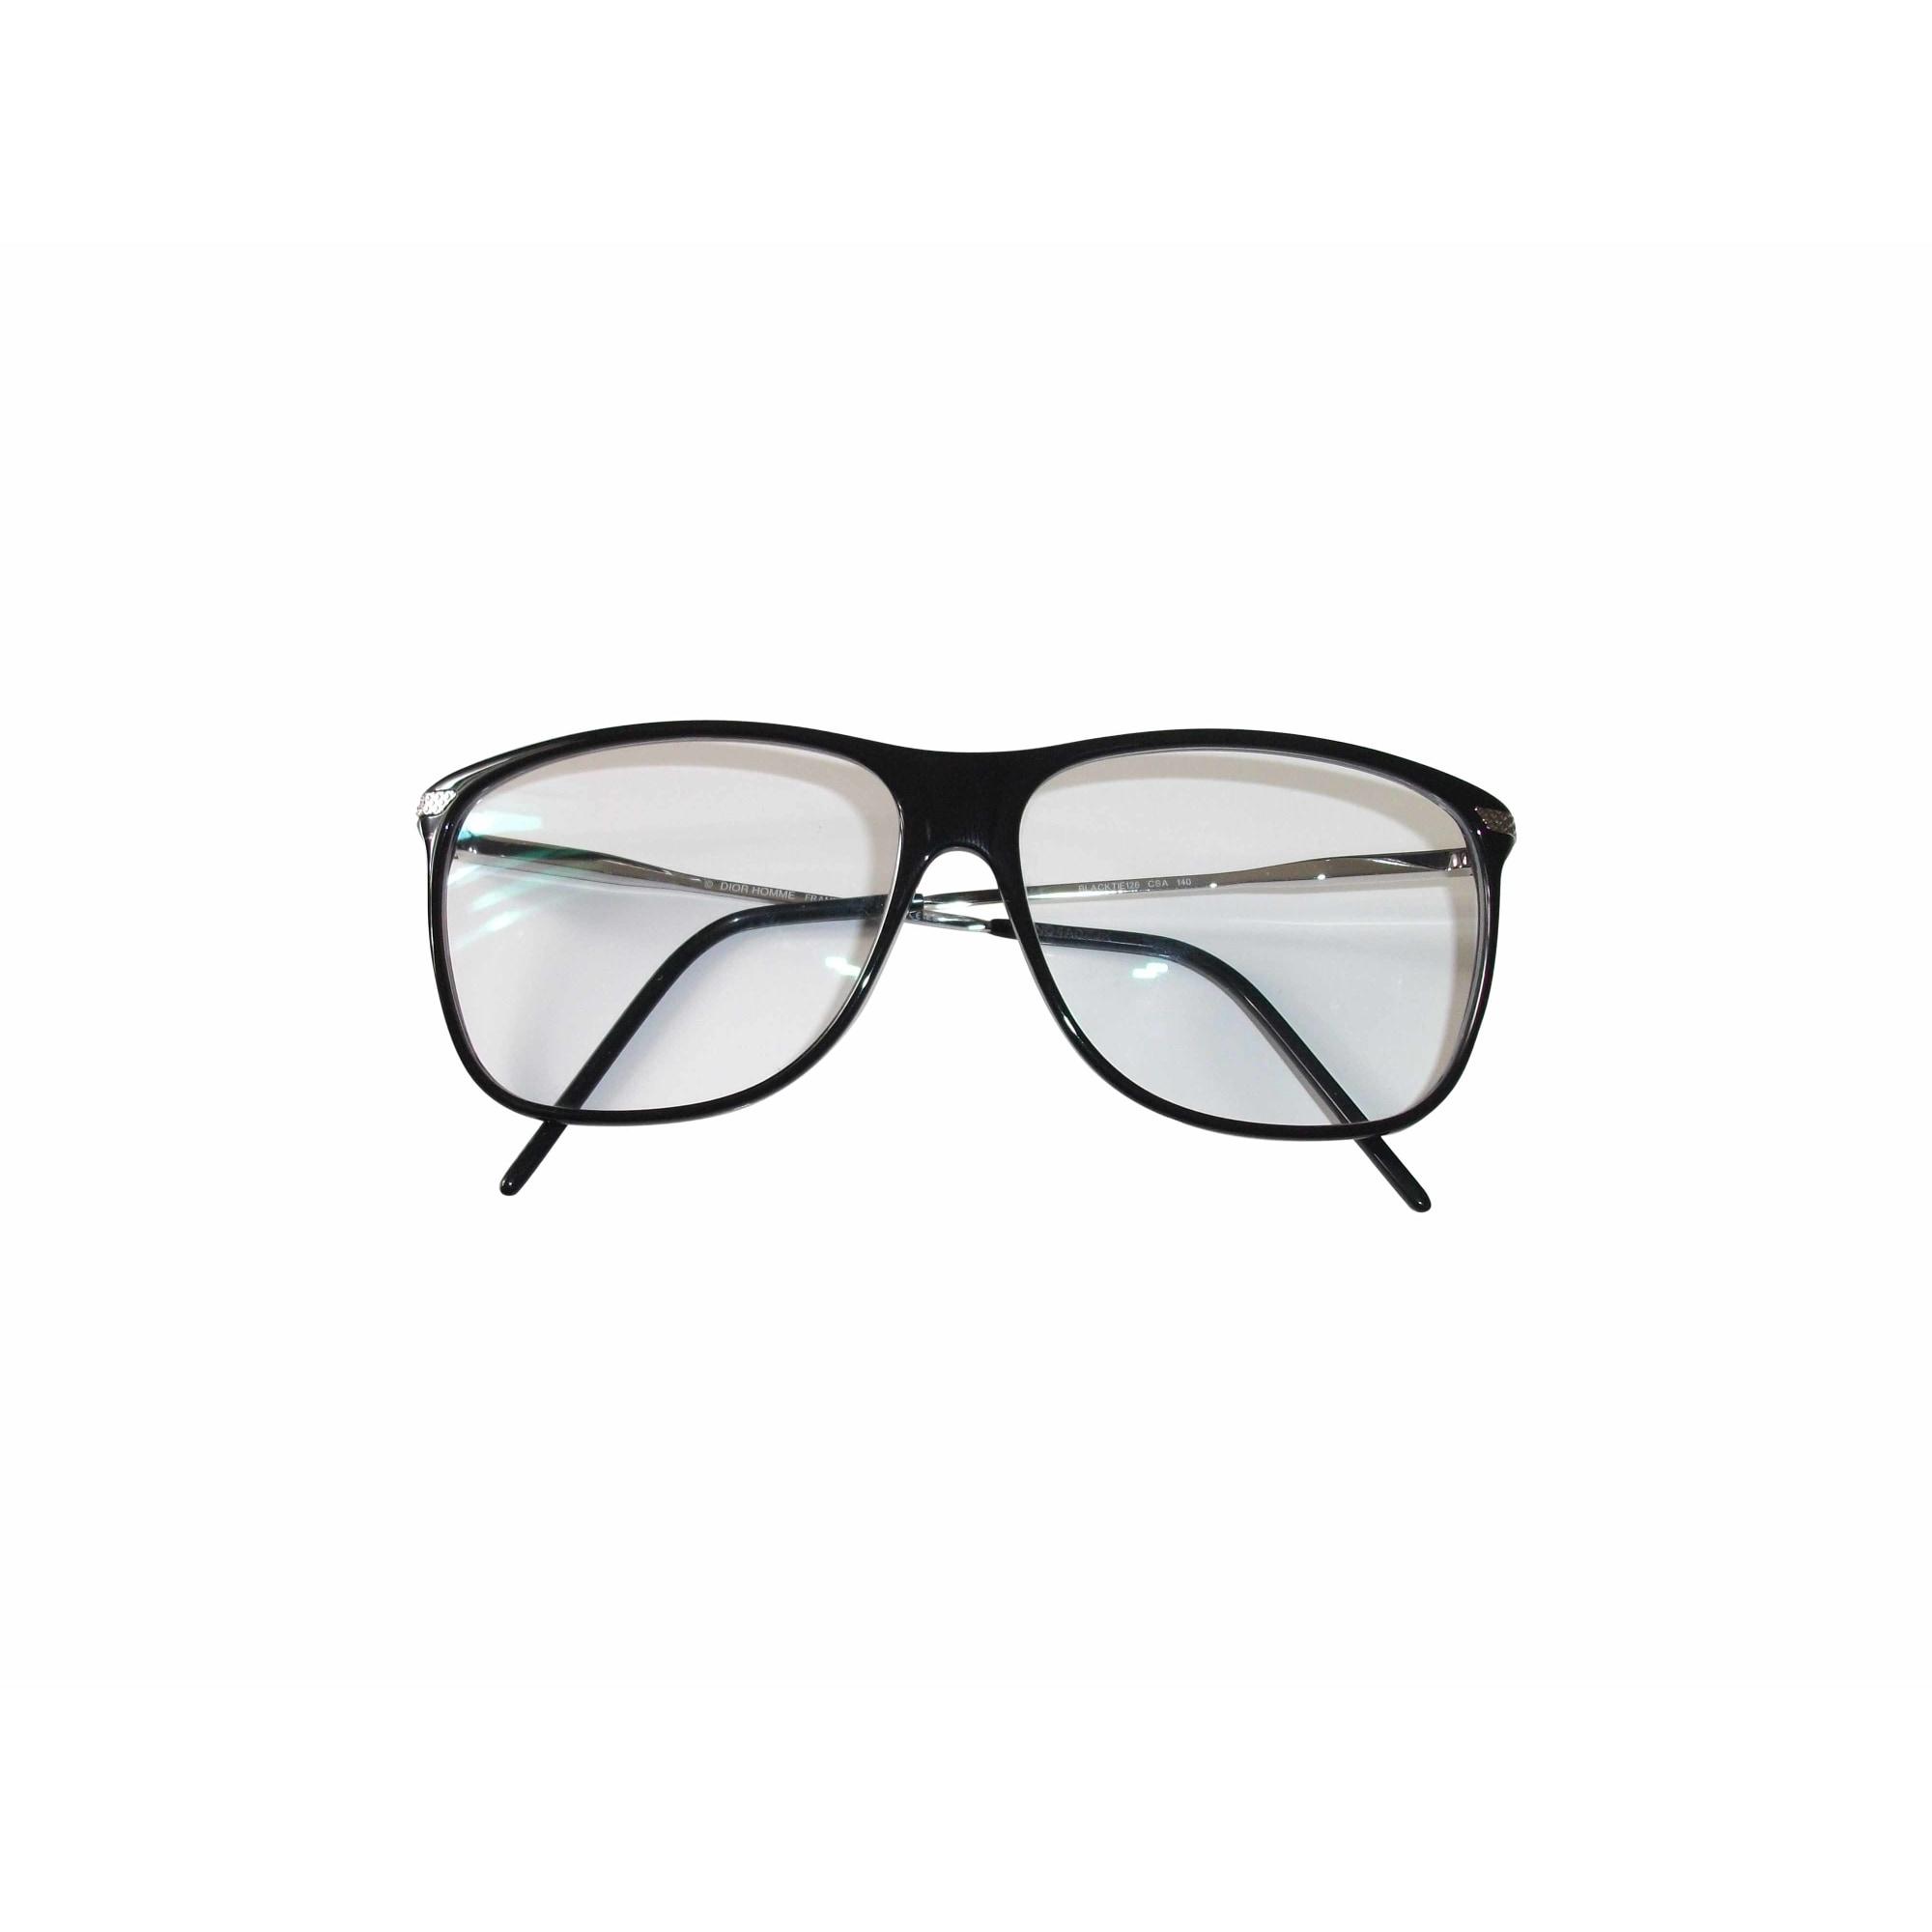 a345eaf36d2615 Monture de lunettes DIOR HOMME noir vendu par Nordin583700 - 3090367